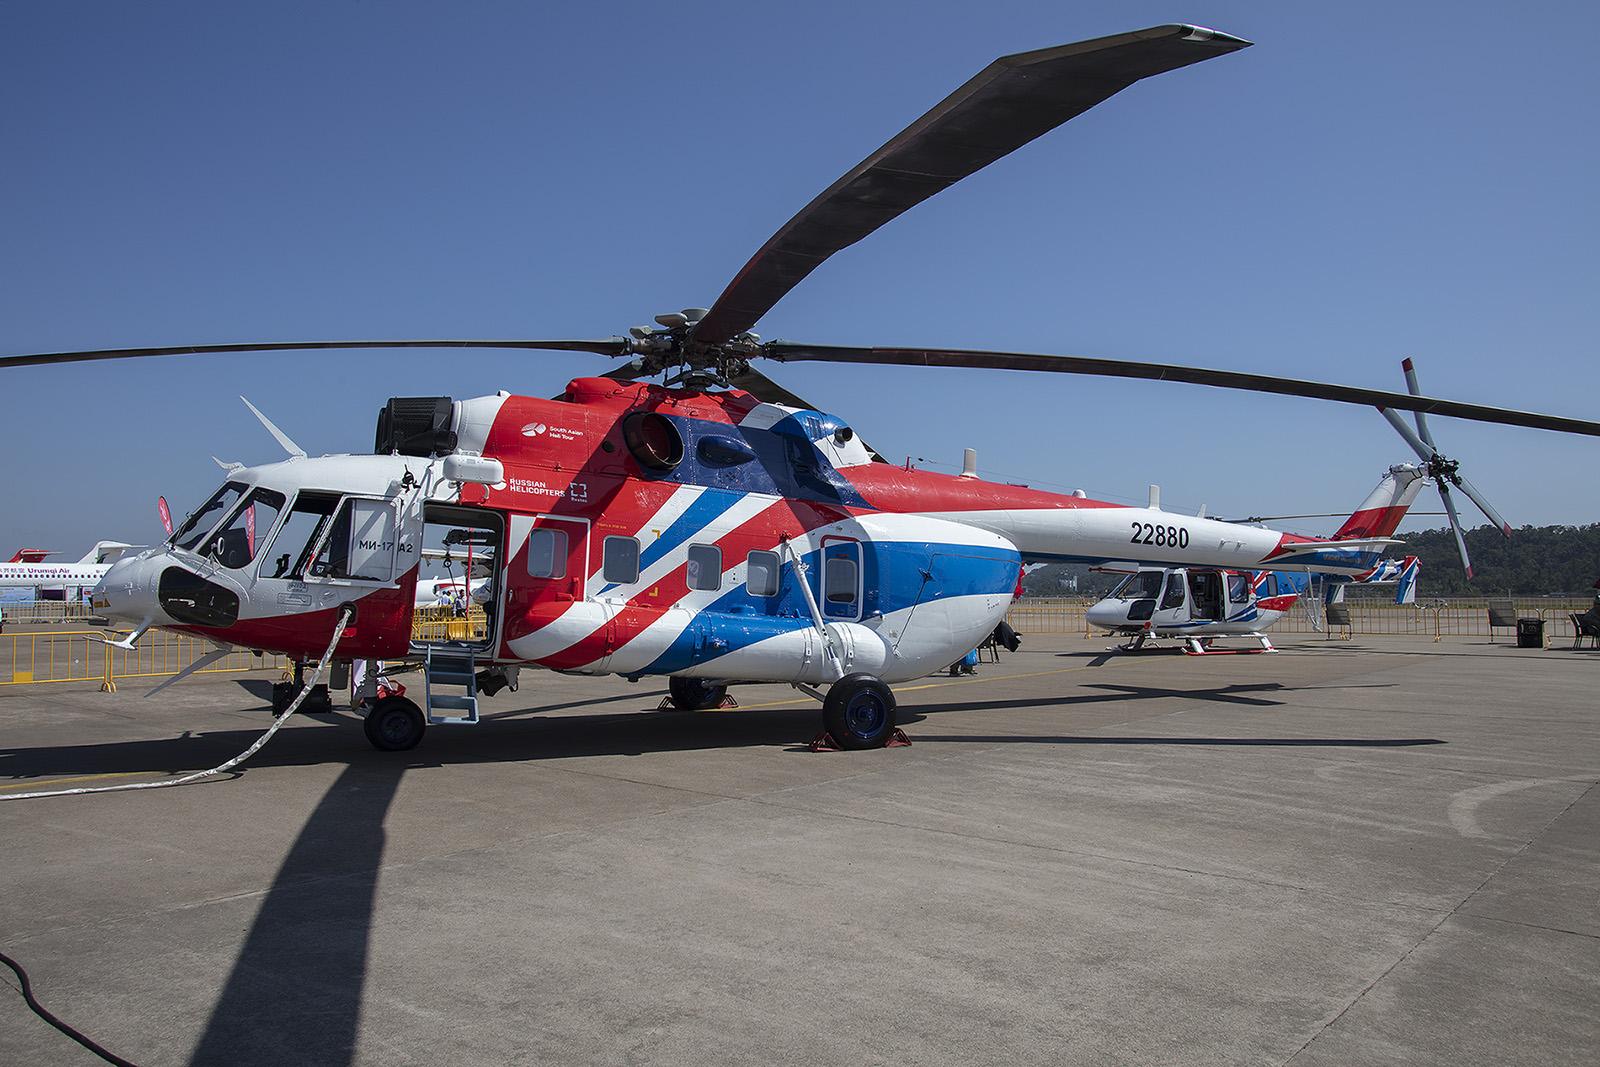 Das erfolgreichste Hubschraubermodel der Welt in seiner neuesten Version, Der Mil-171 auf Tour in Südostasien.